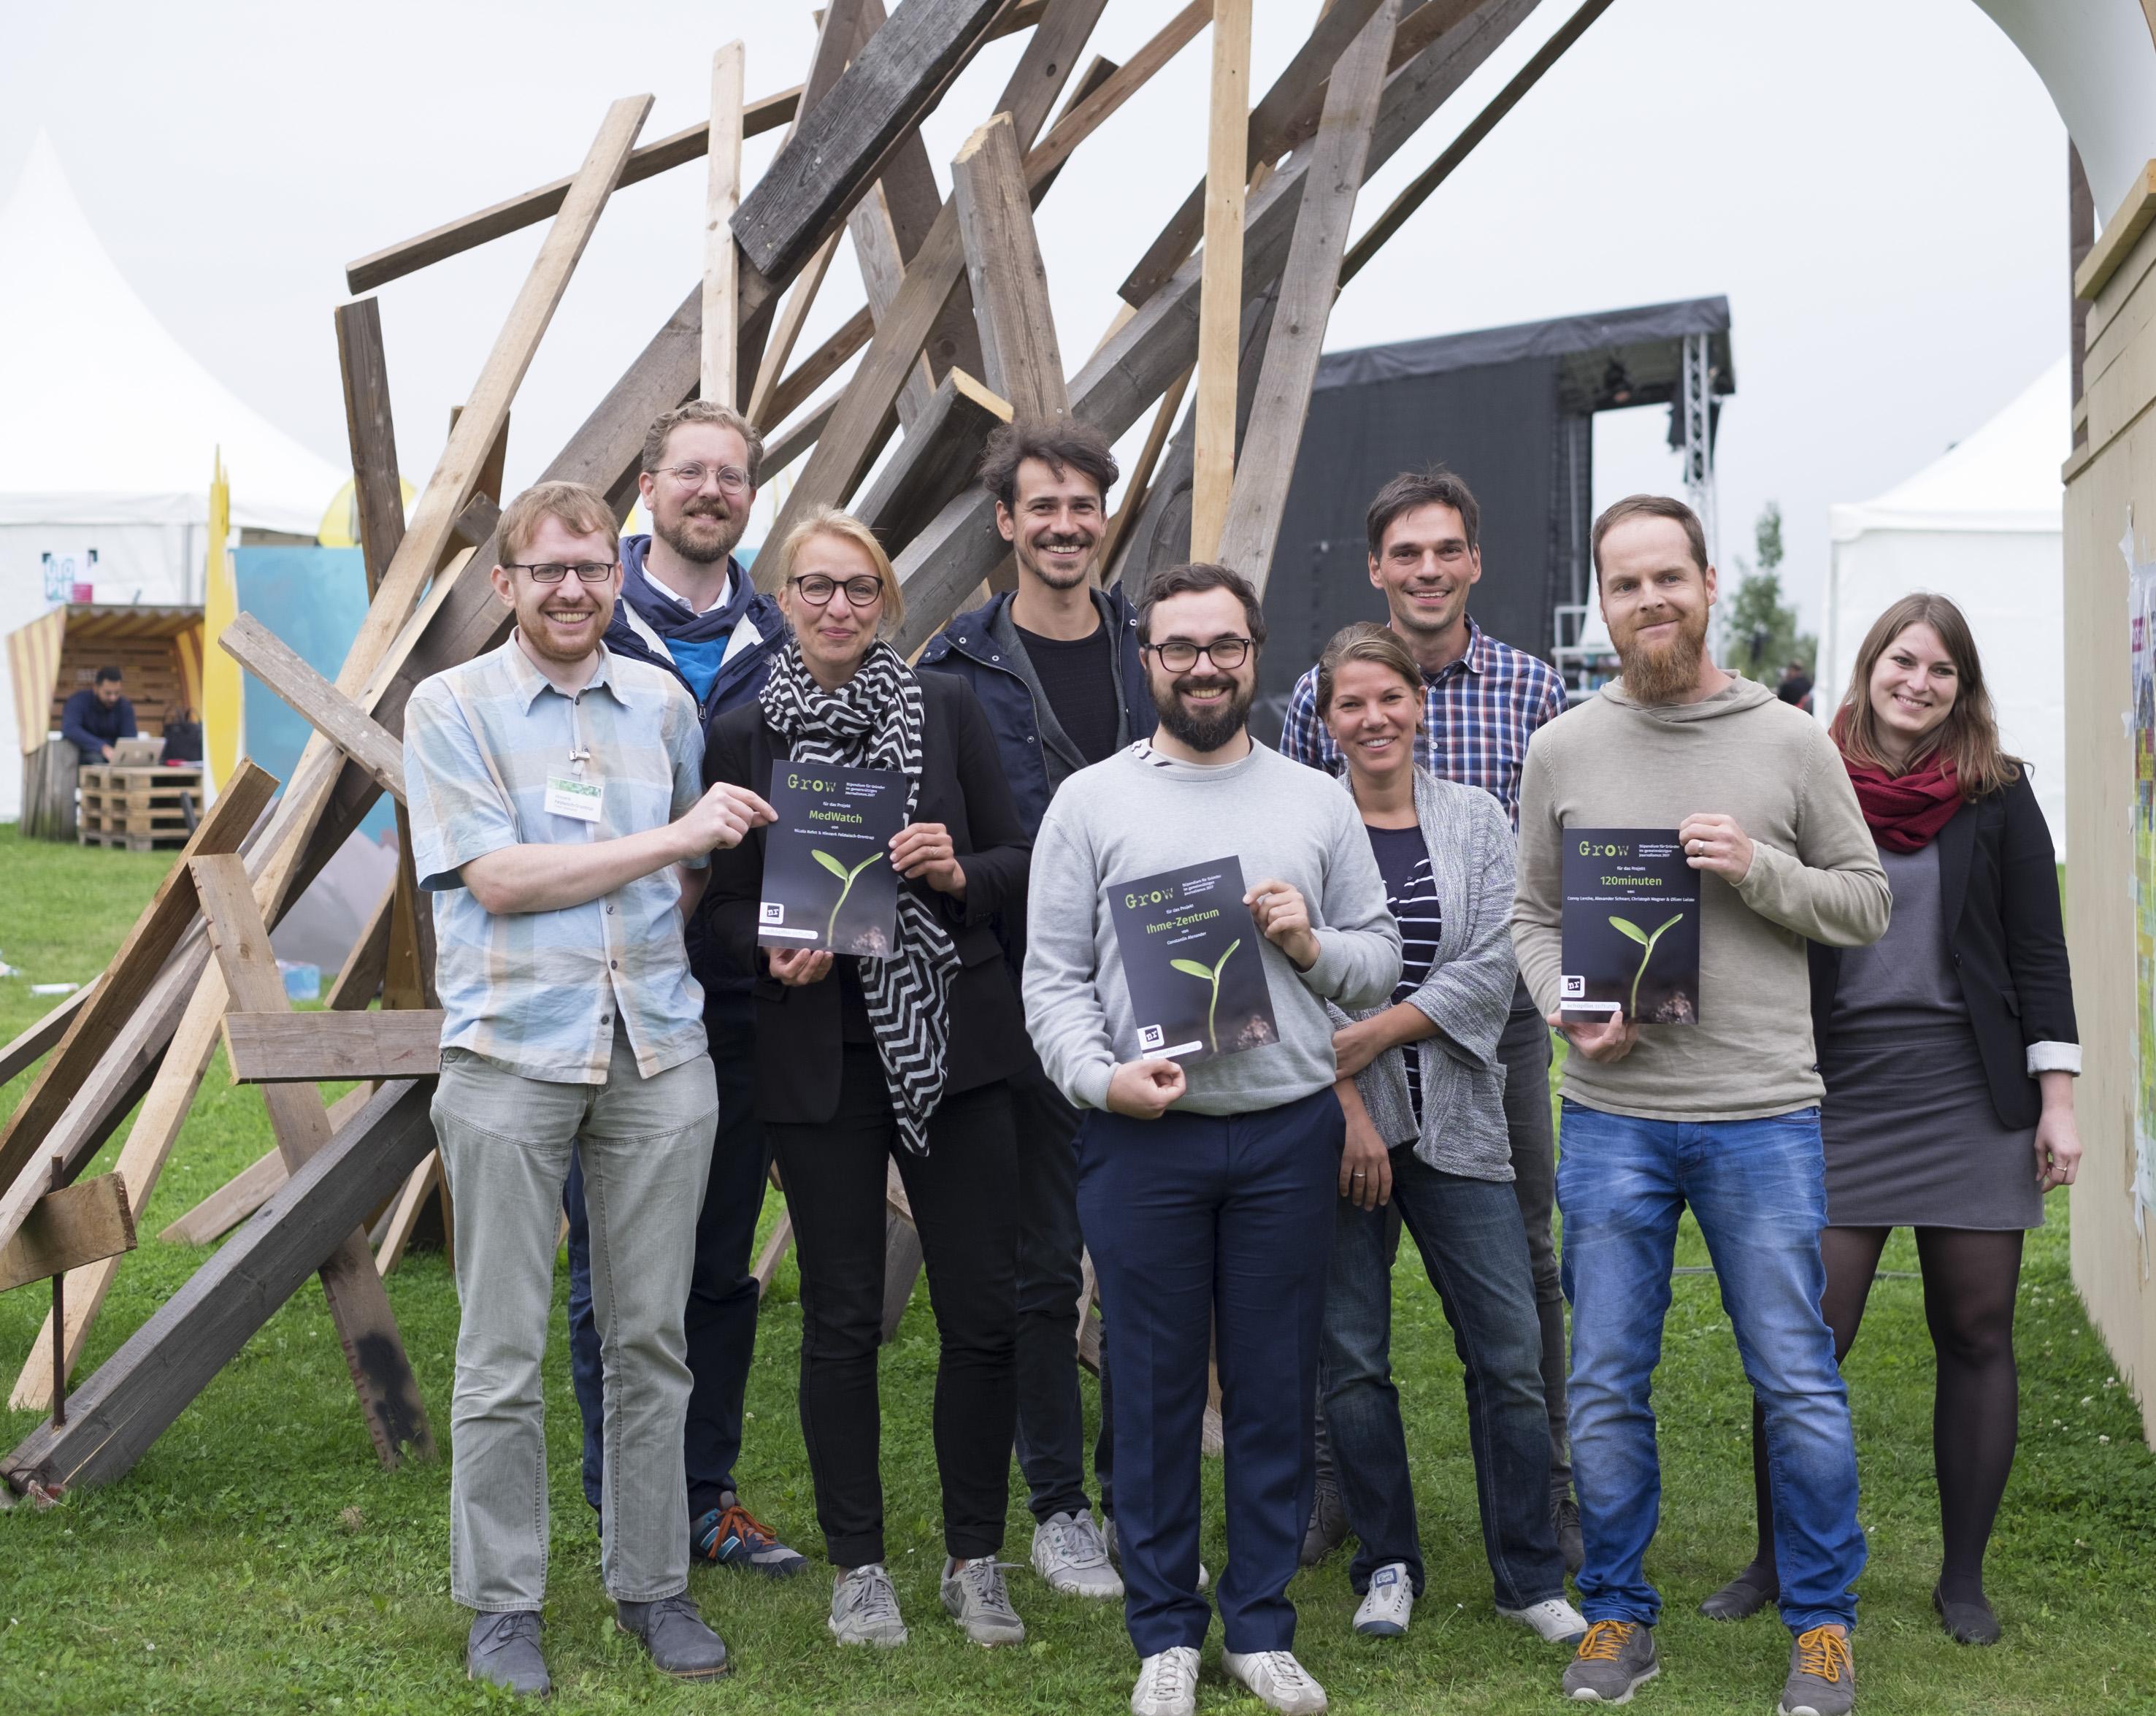 Grow-Gewinner und -Jurymitglieder 2017 (von links): Hinnerk Feldwisch-Drentrup (MedWatch), Christian Humborg (Wikimedia Deutschland), Nicola Kuhrt (MedWatch), Lukas Harlan (Schöpflin Stiftung), Constantin Alexander (Ihme-Zentrum), Tabea Grzeszyk (Hostwriter), Thomas Schnedler (netzwerk recherche / Correctiv), Alexander Schnarr (120minuten), Katharina Wiegmann (Perspective Daily). Foto: Ivo Mayr